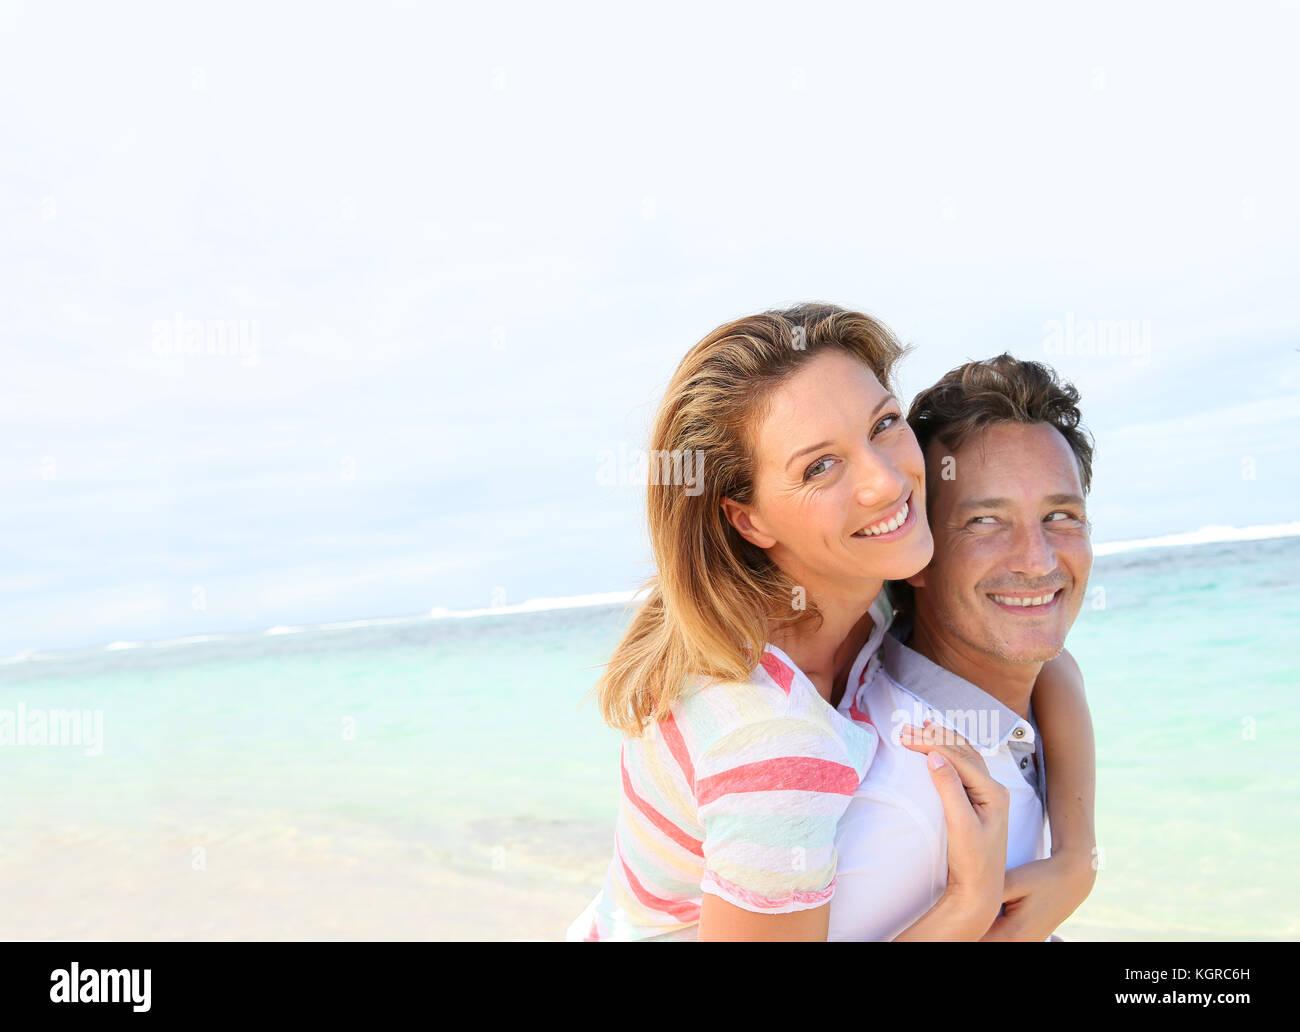 Man giving piggyback ride de petite amie à la plage Photo Stock